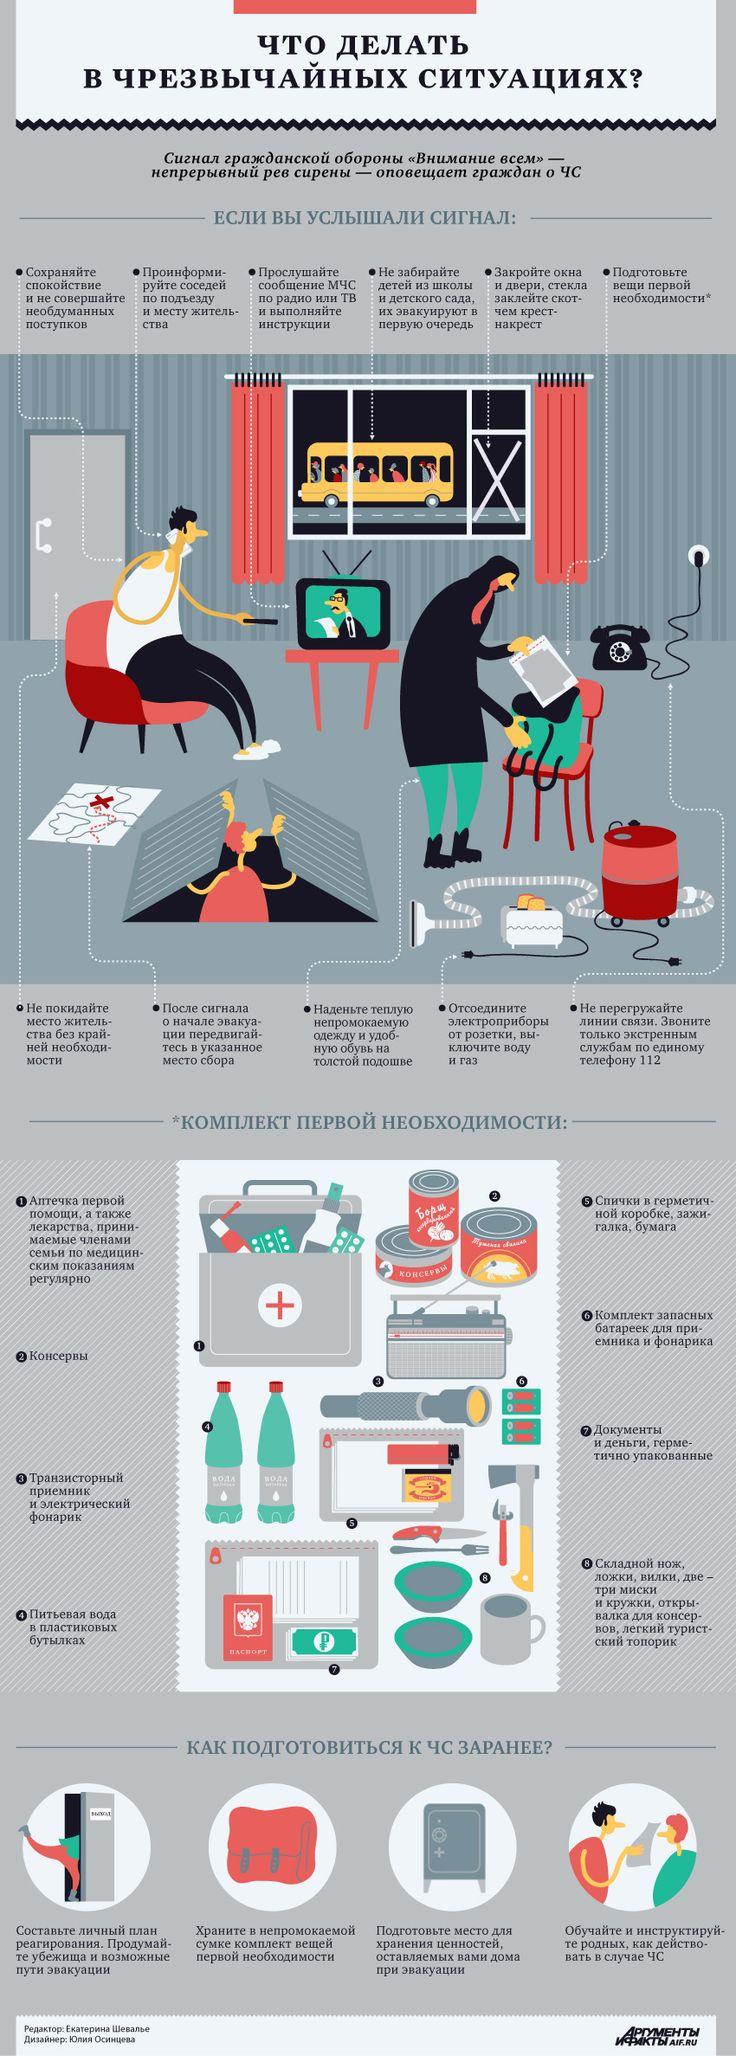 Что делать в случае чрезвычайной ситуации? #Инфографика